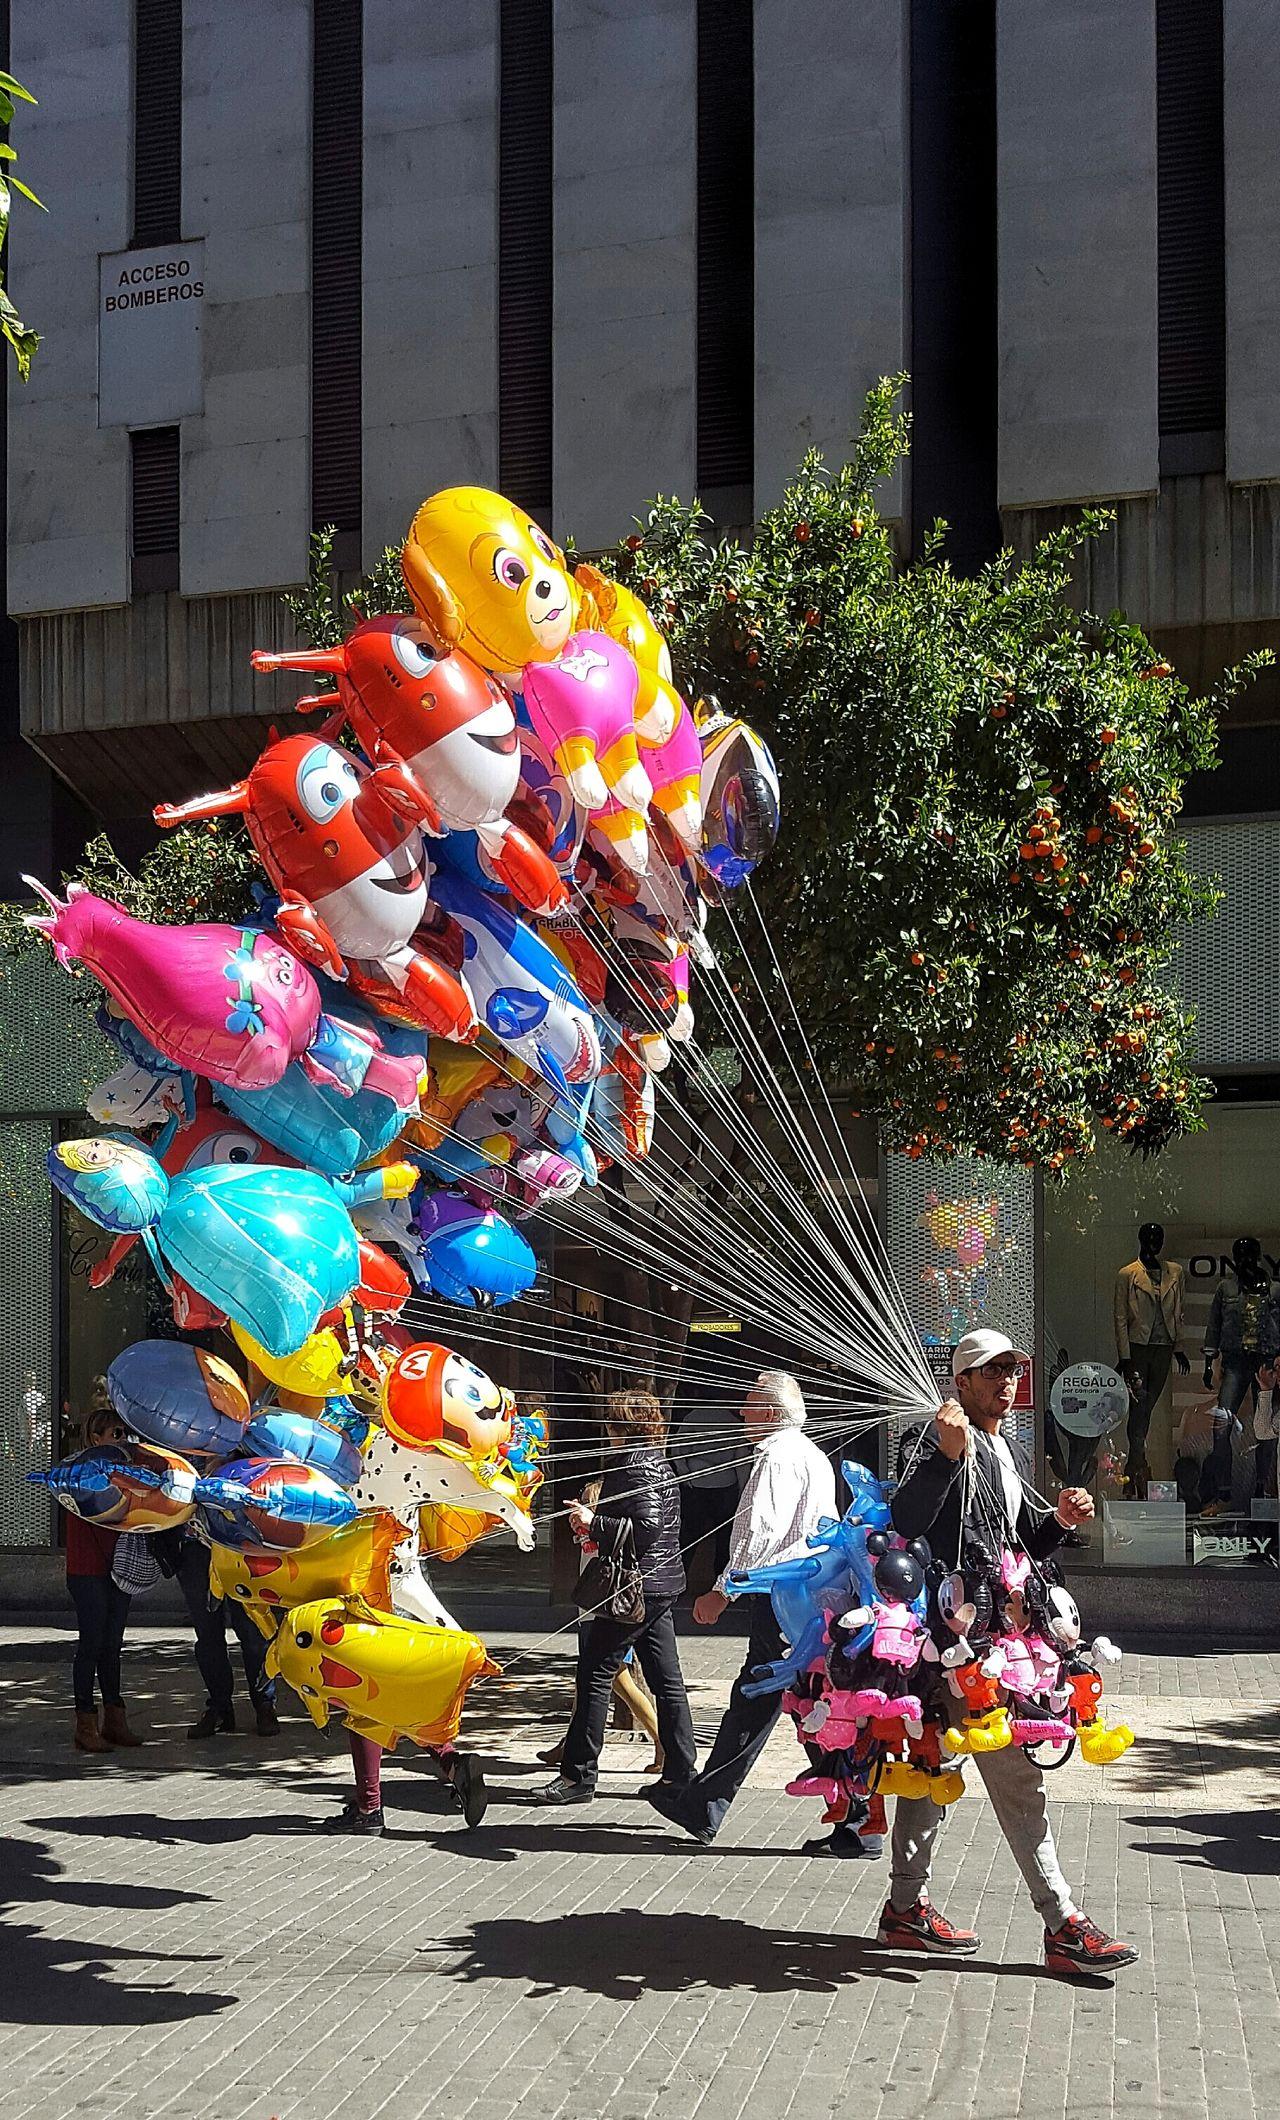 Globes Globos De Colores Globos Colores Colors Stretphotography Callejeando